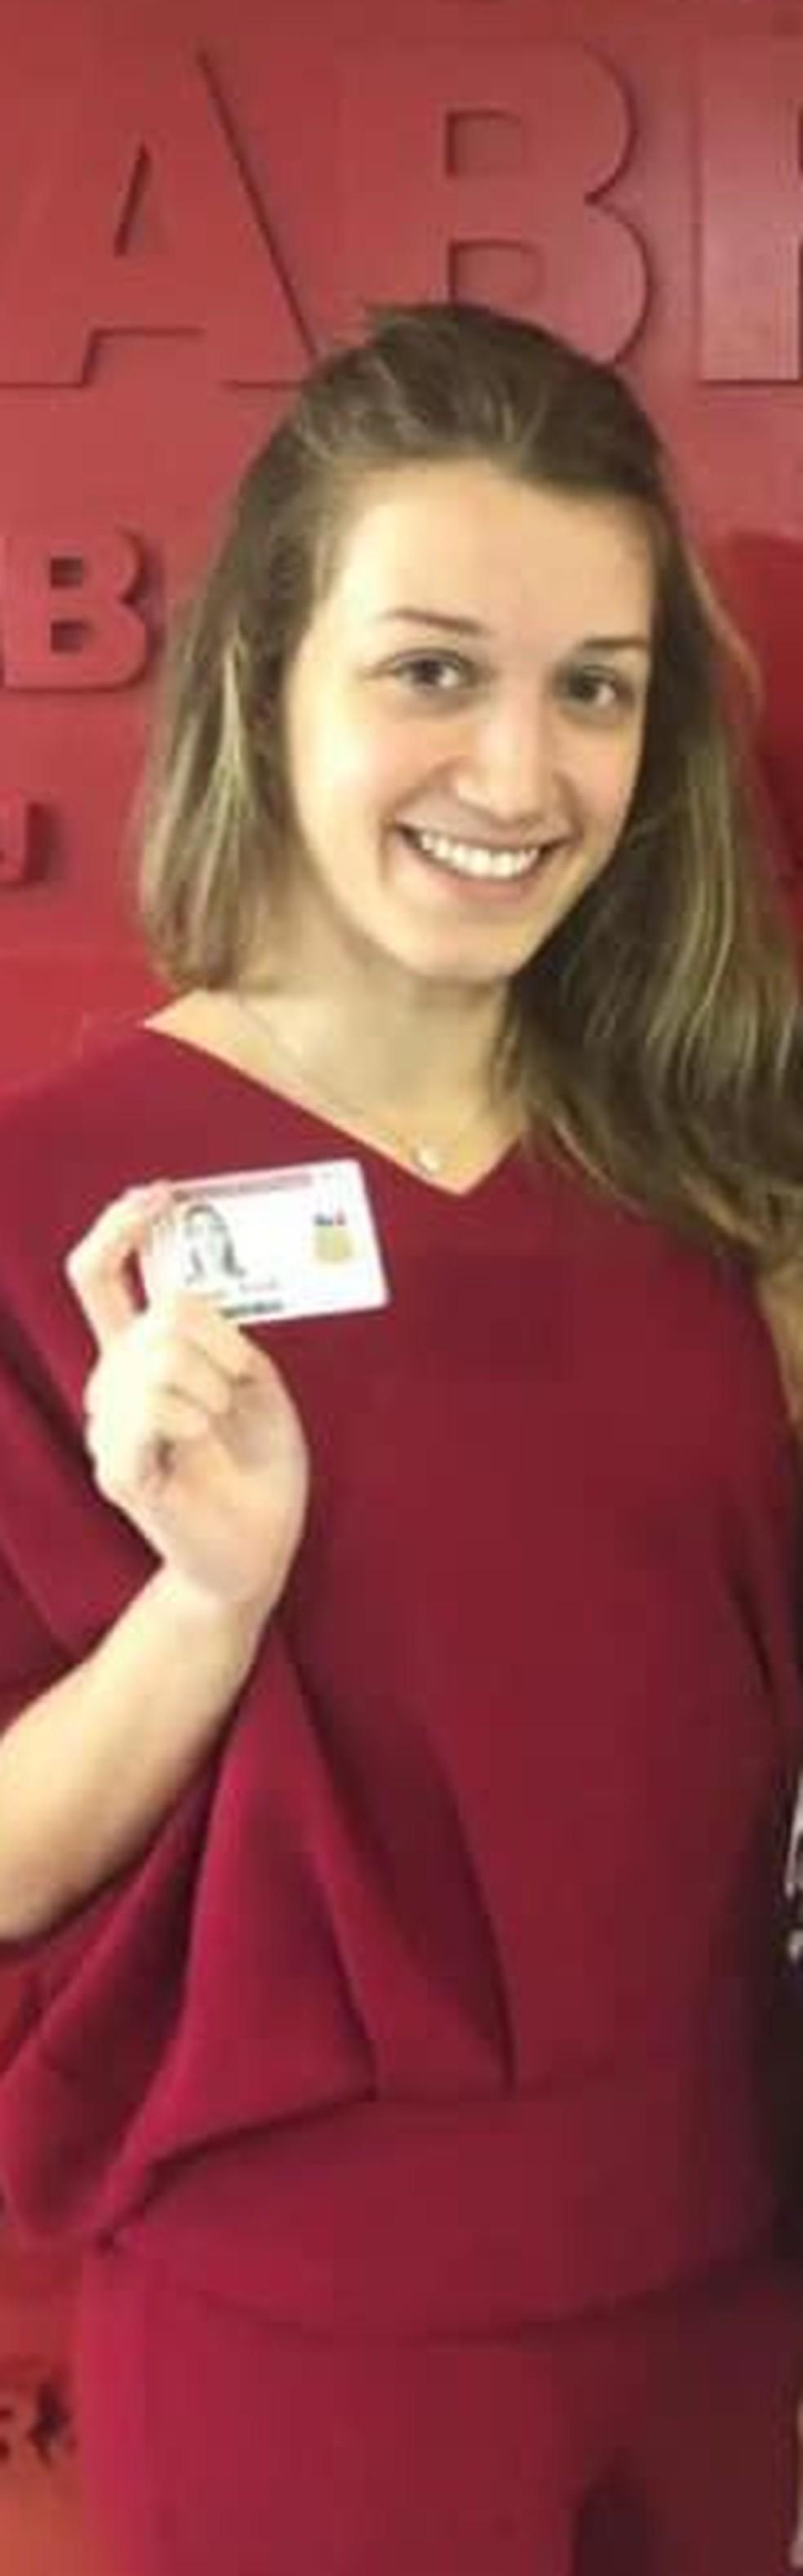 Myra, namorada de Dario Messer, foi presa nesta terça-feira — Foto: Arquivo pessoal